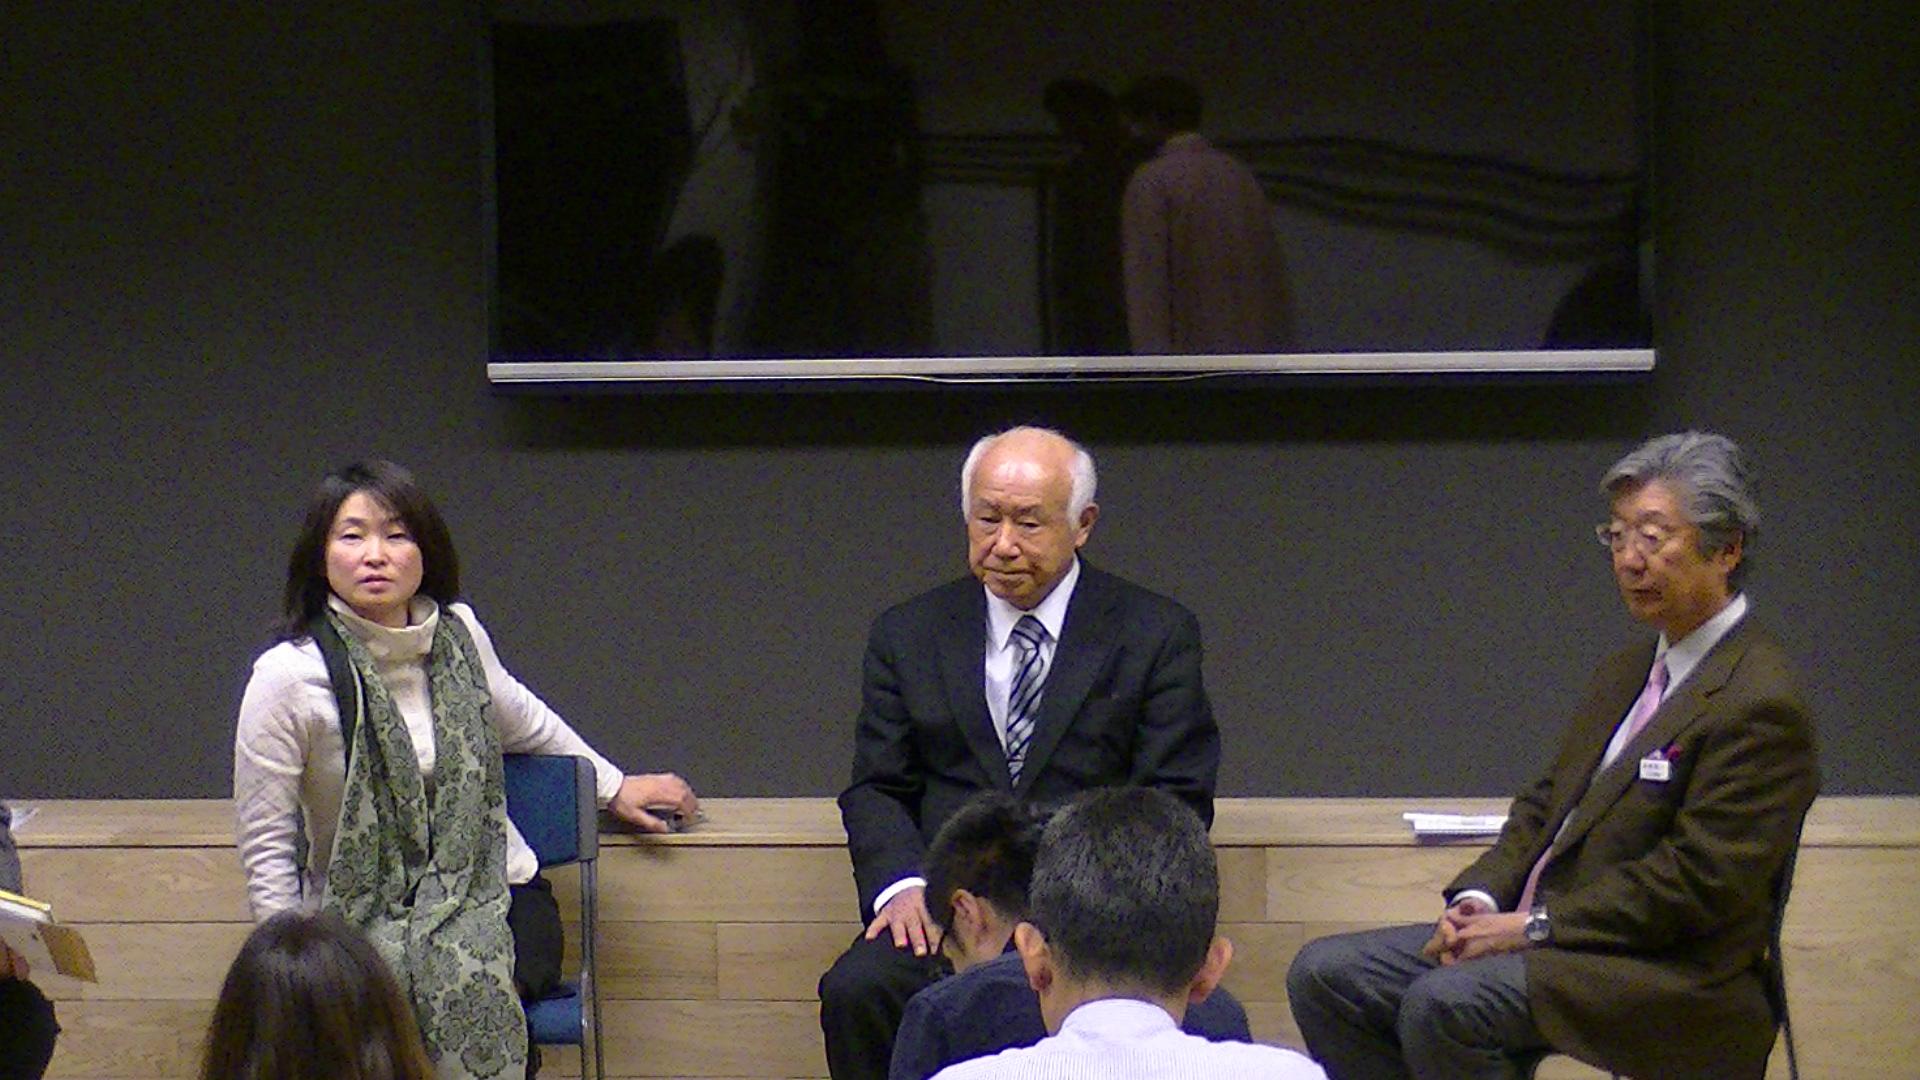 PIC 0542 1 - 平成30年度 東京思風塾 4月7日(土)「時代が問題をつくり、問題が人物をつくる」